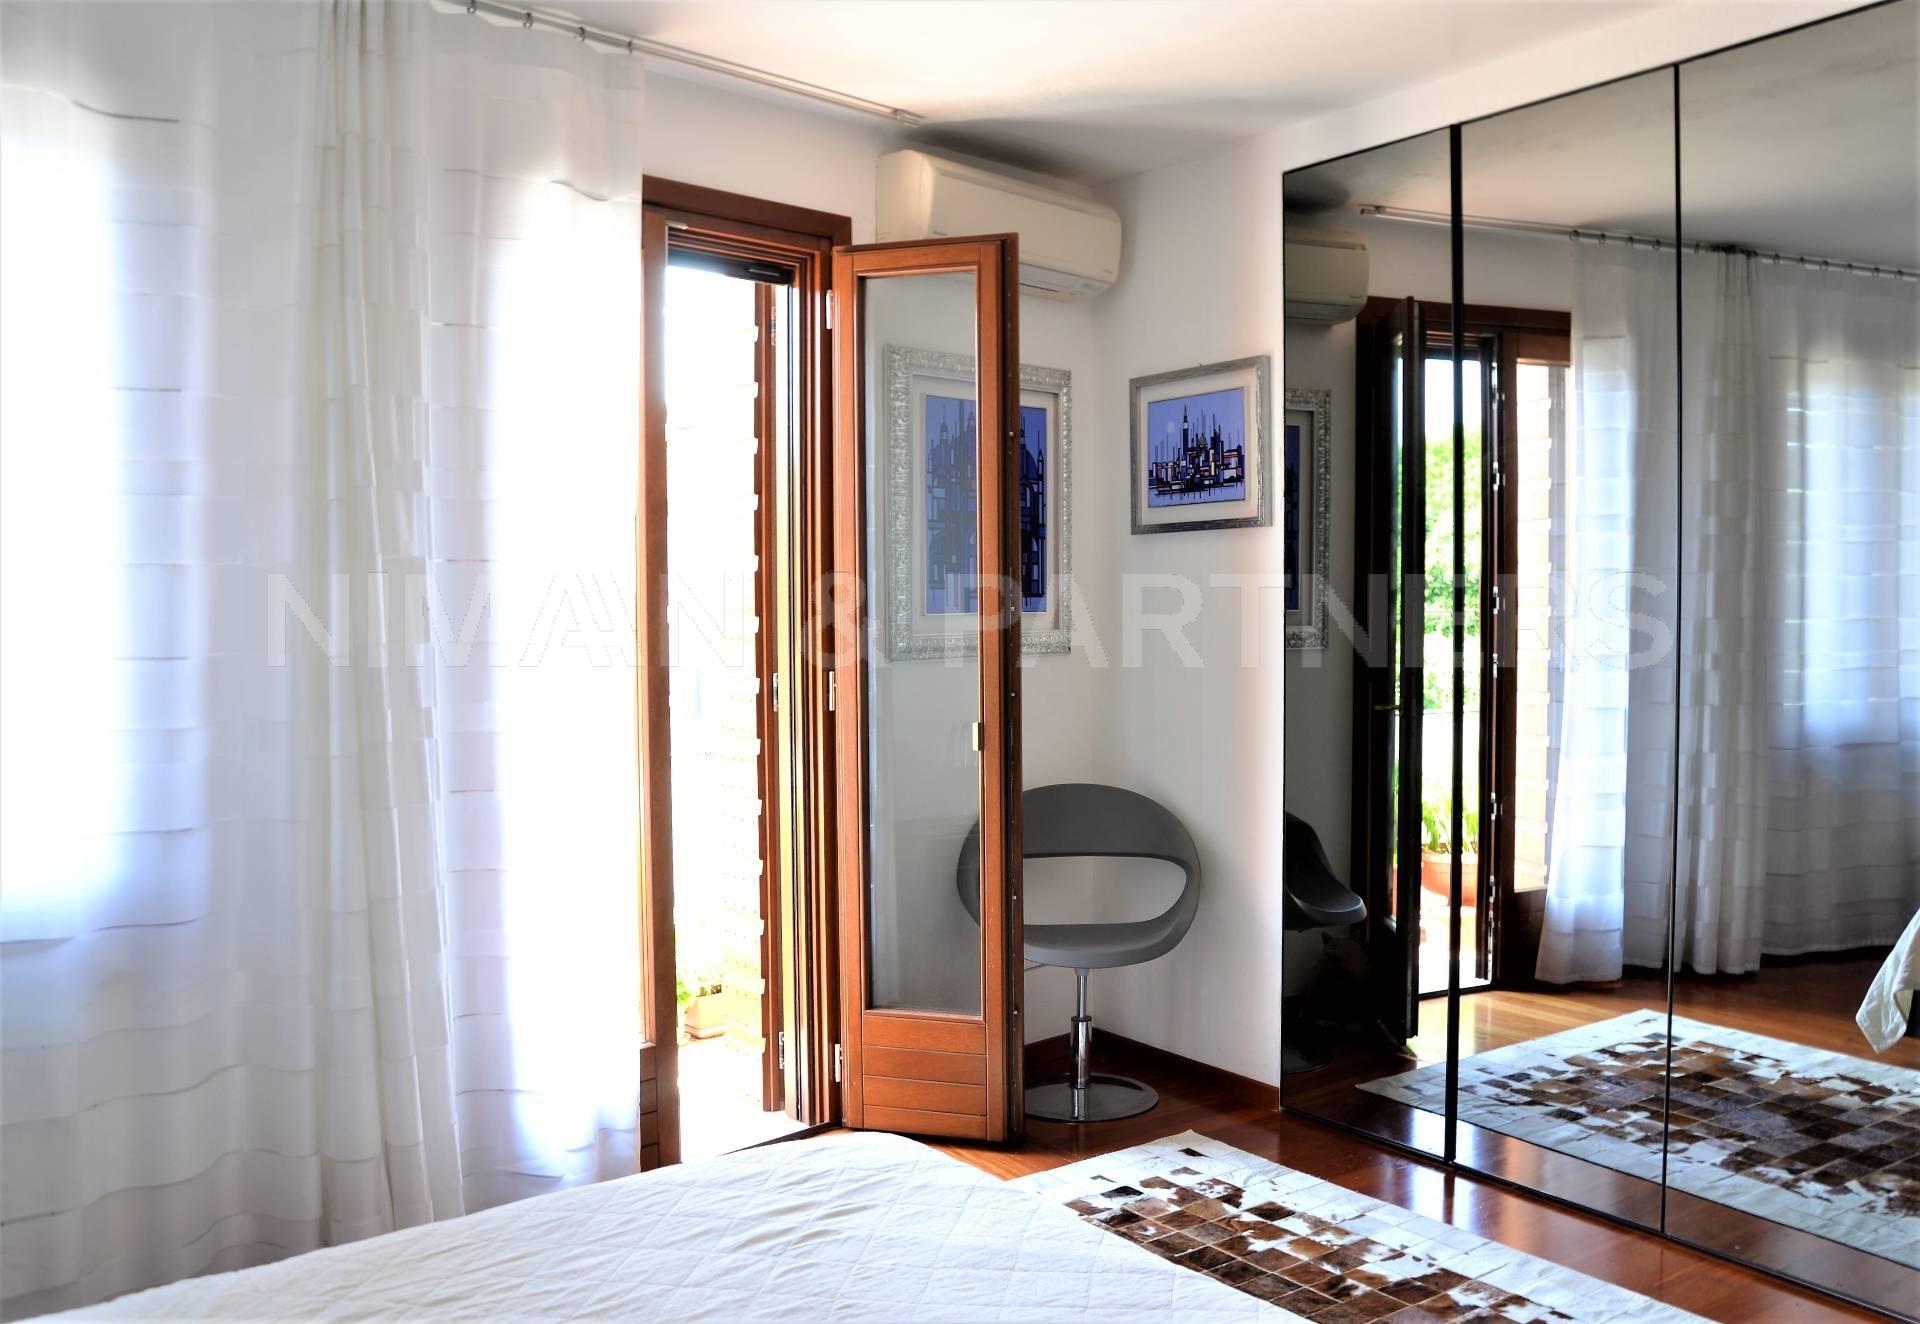 Appartamento in vendita a venezia cod 394 for Filiale di cabina clarksburg